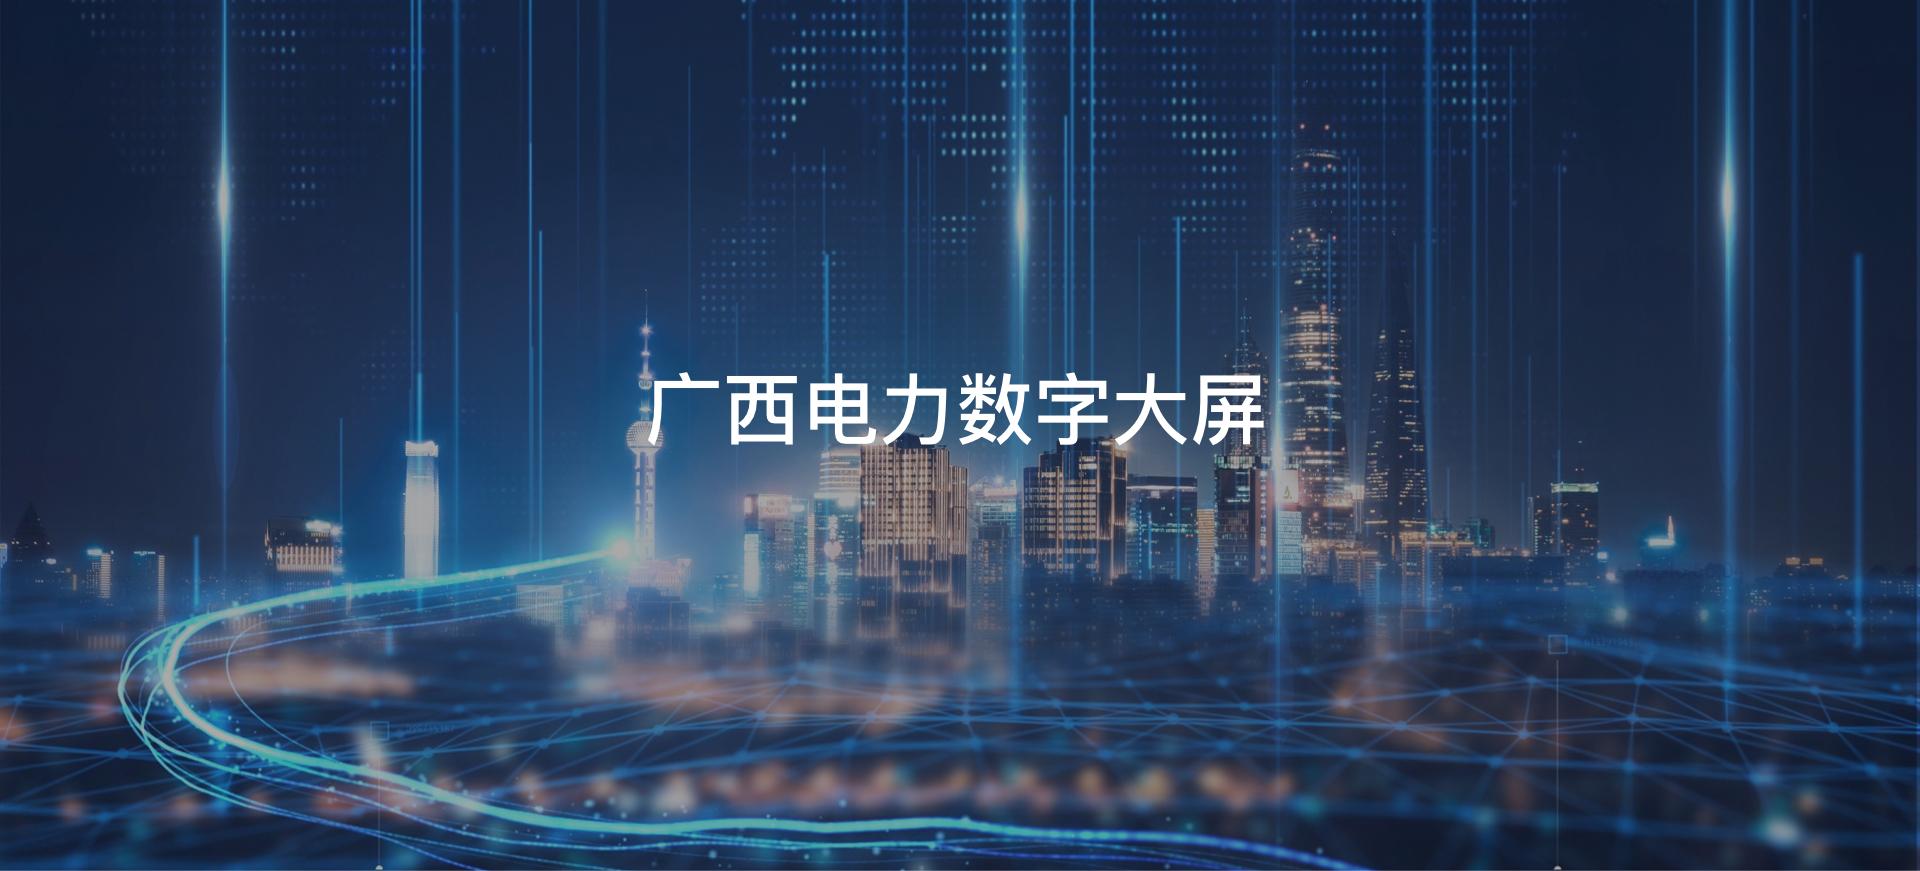 广西电网备份 3.jpg